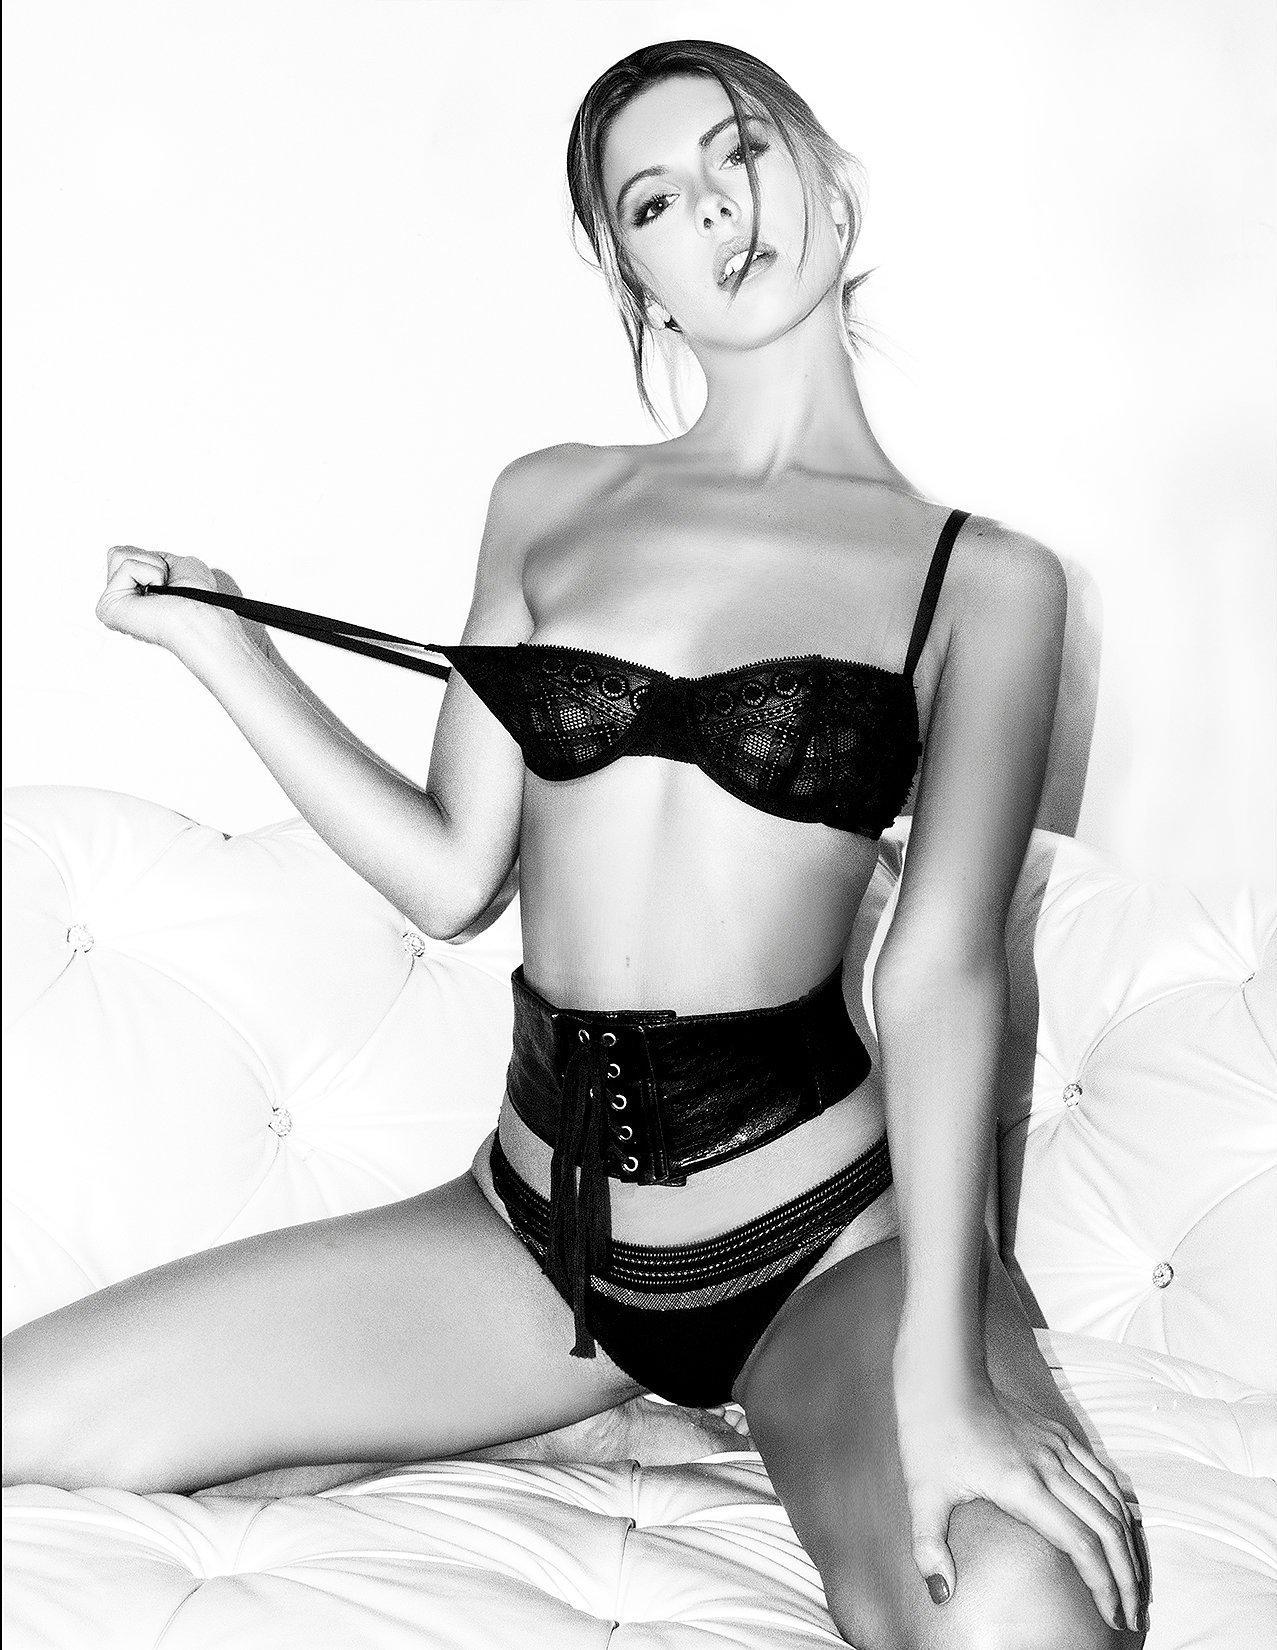 Sexy Sex Ana de Armas naked photo 2017